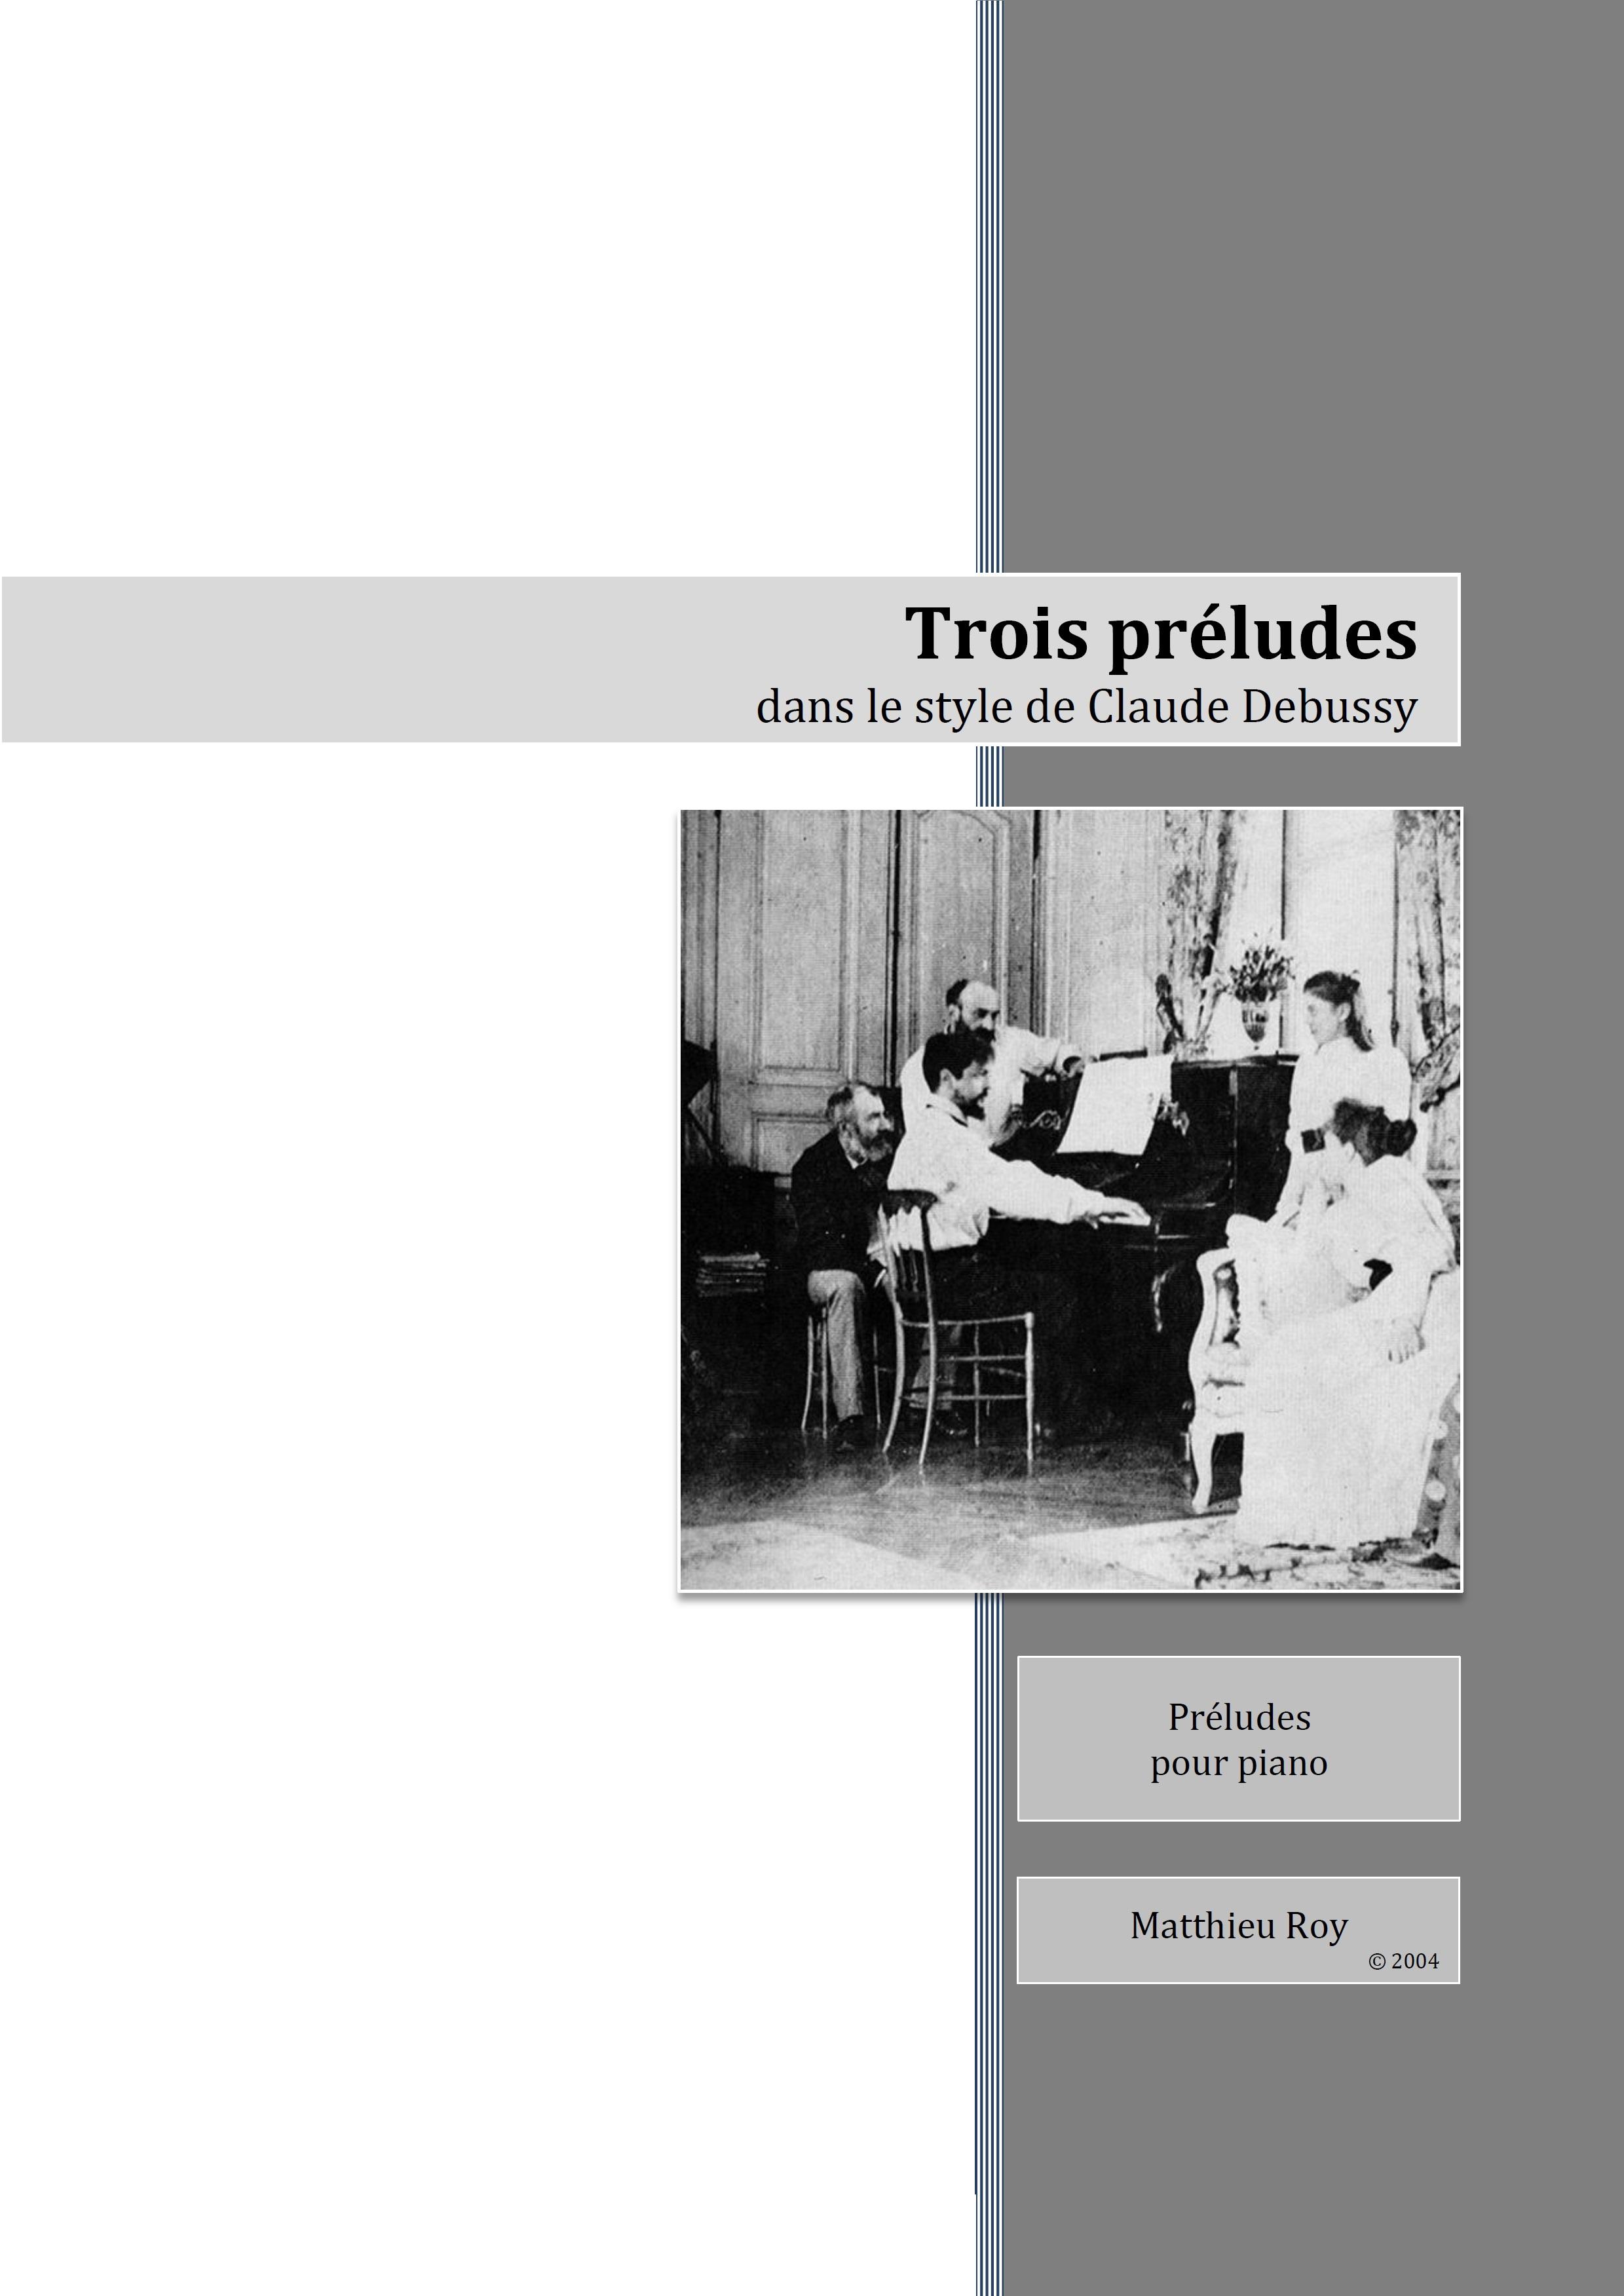 SCORE_2014_Trois_Préludes_pour_piano_dans_le_style_de_Debussy